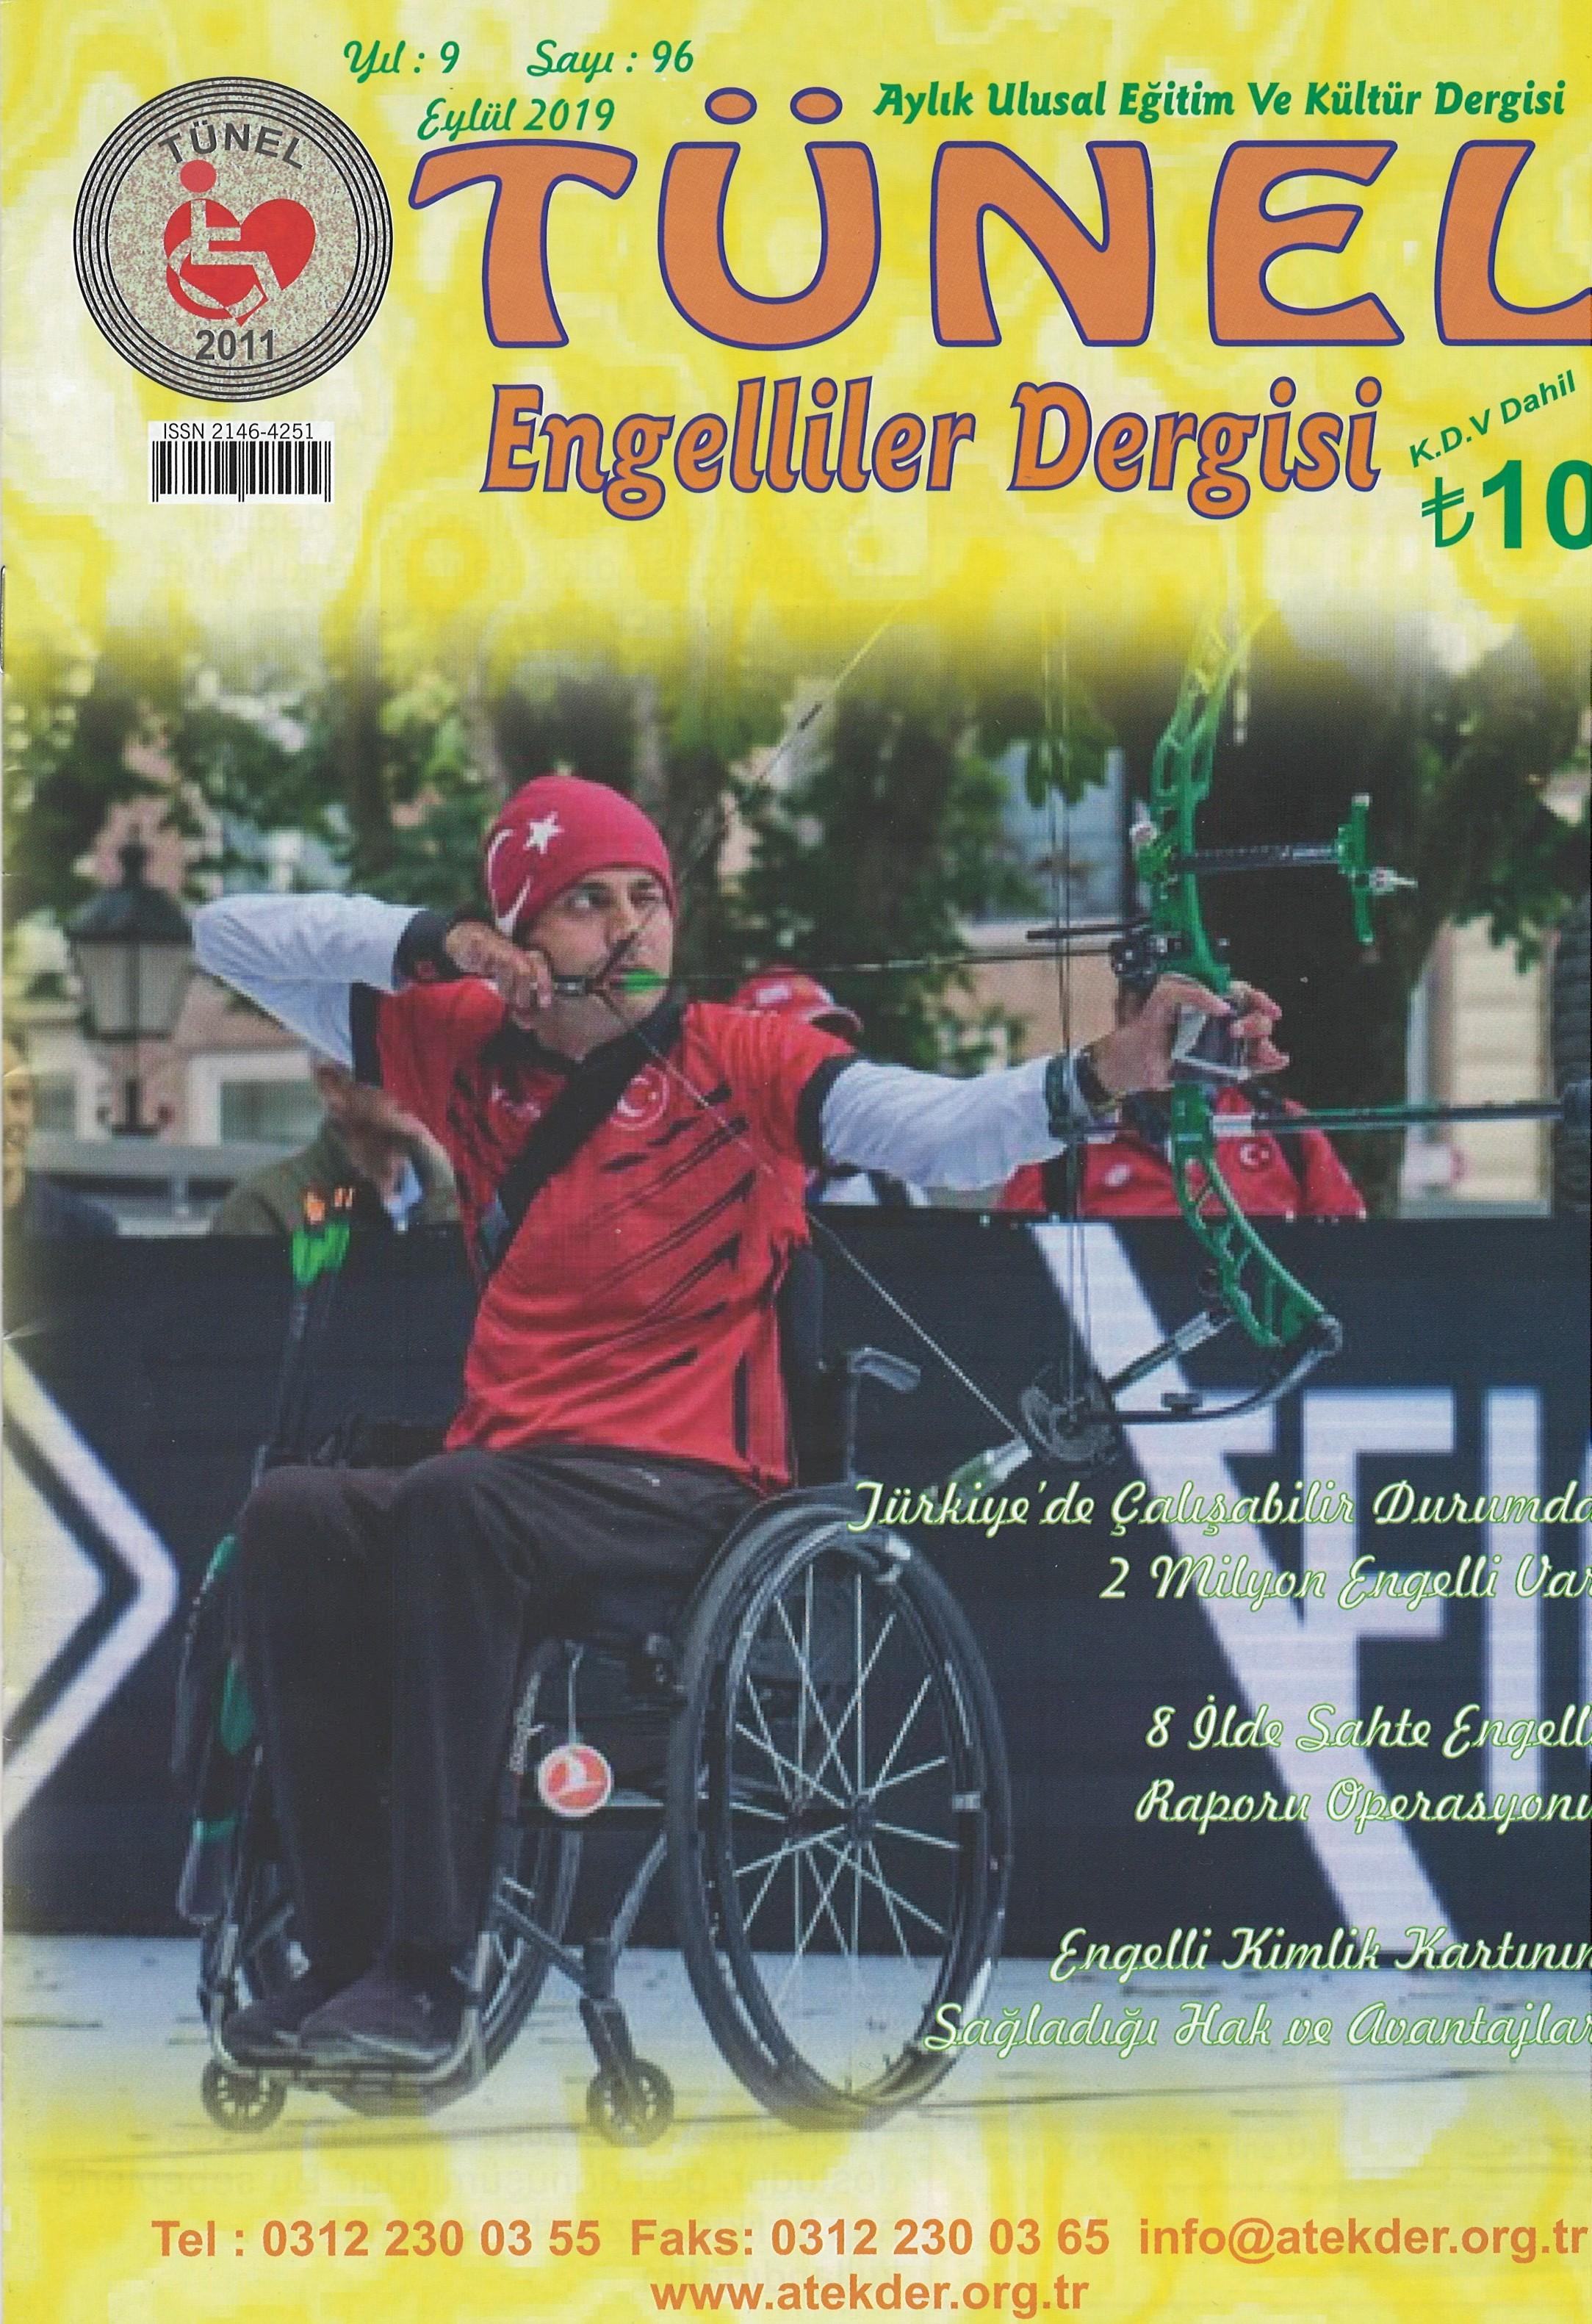 Tünel Engelliler Dergisi, Sayı 96